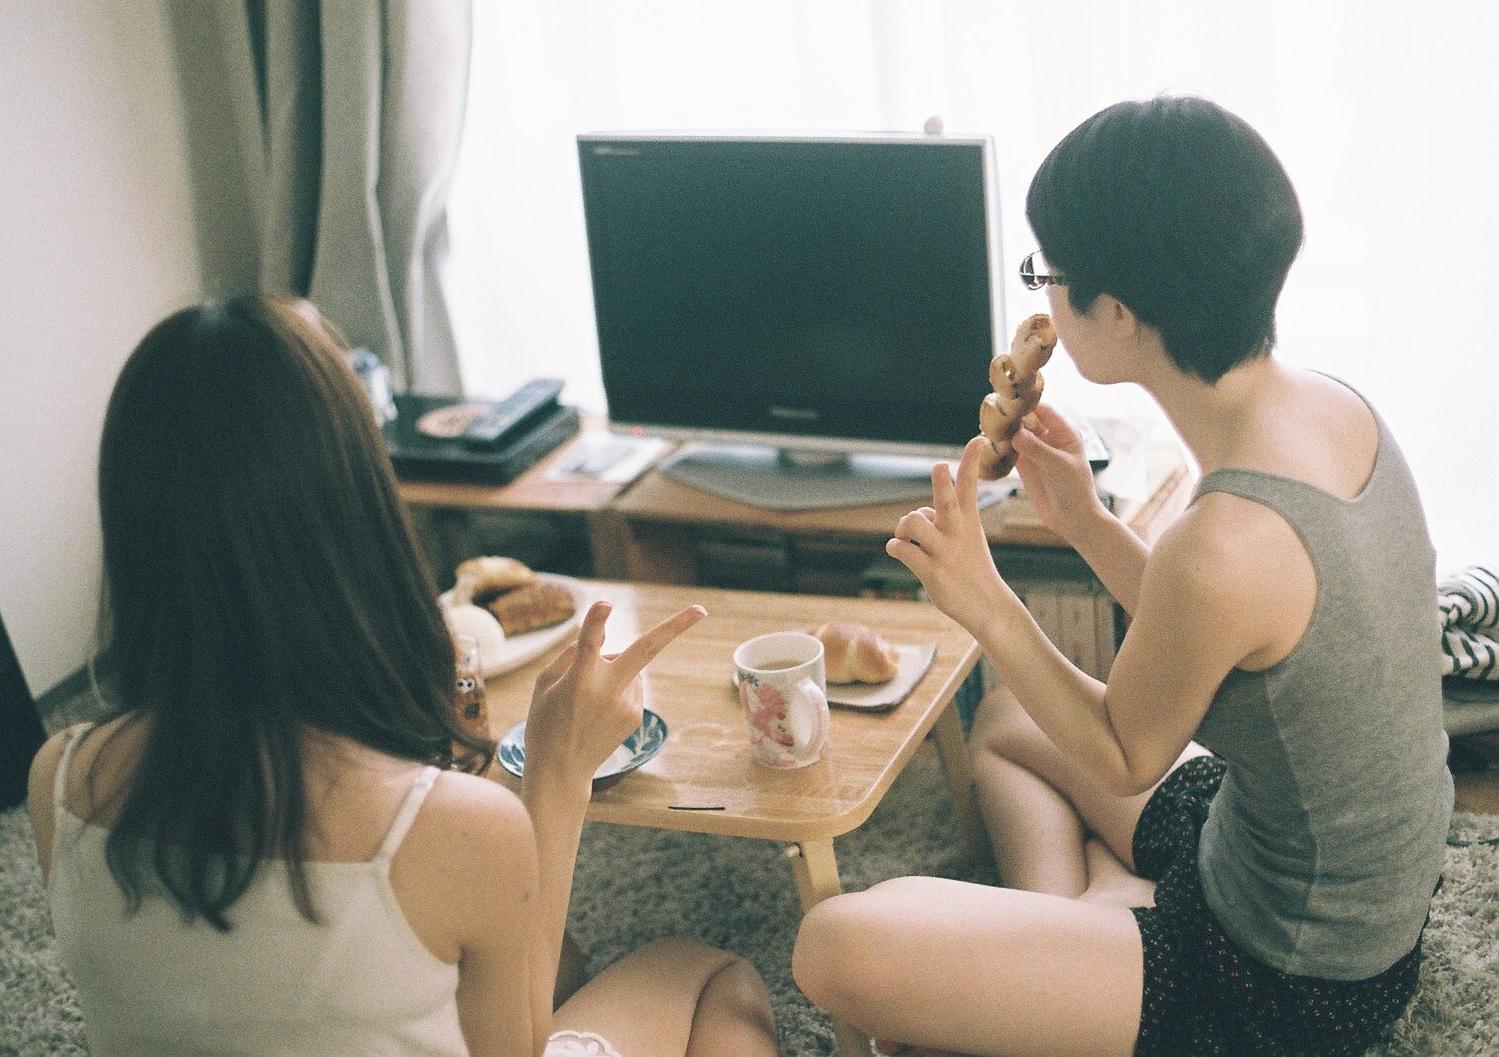 6|あなたの交友関係を気にする